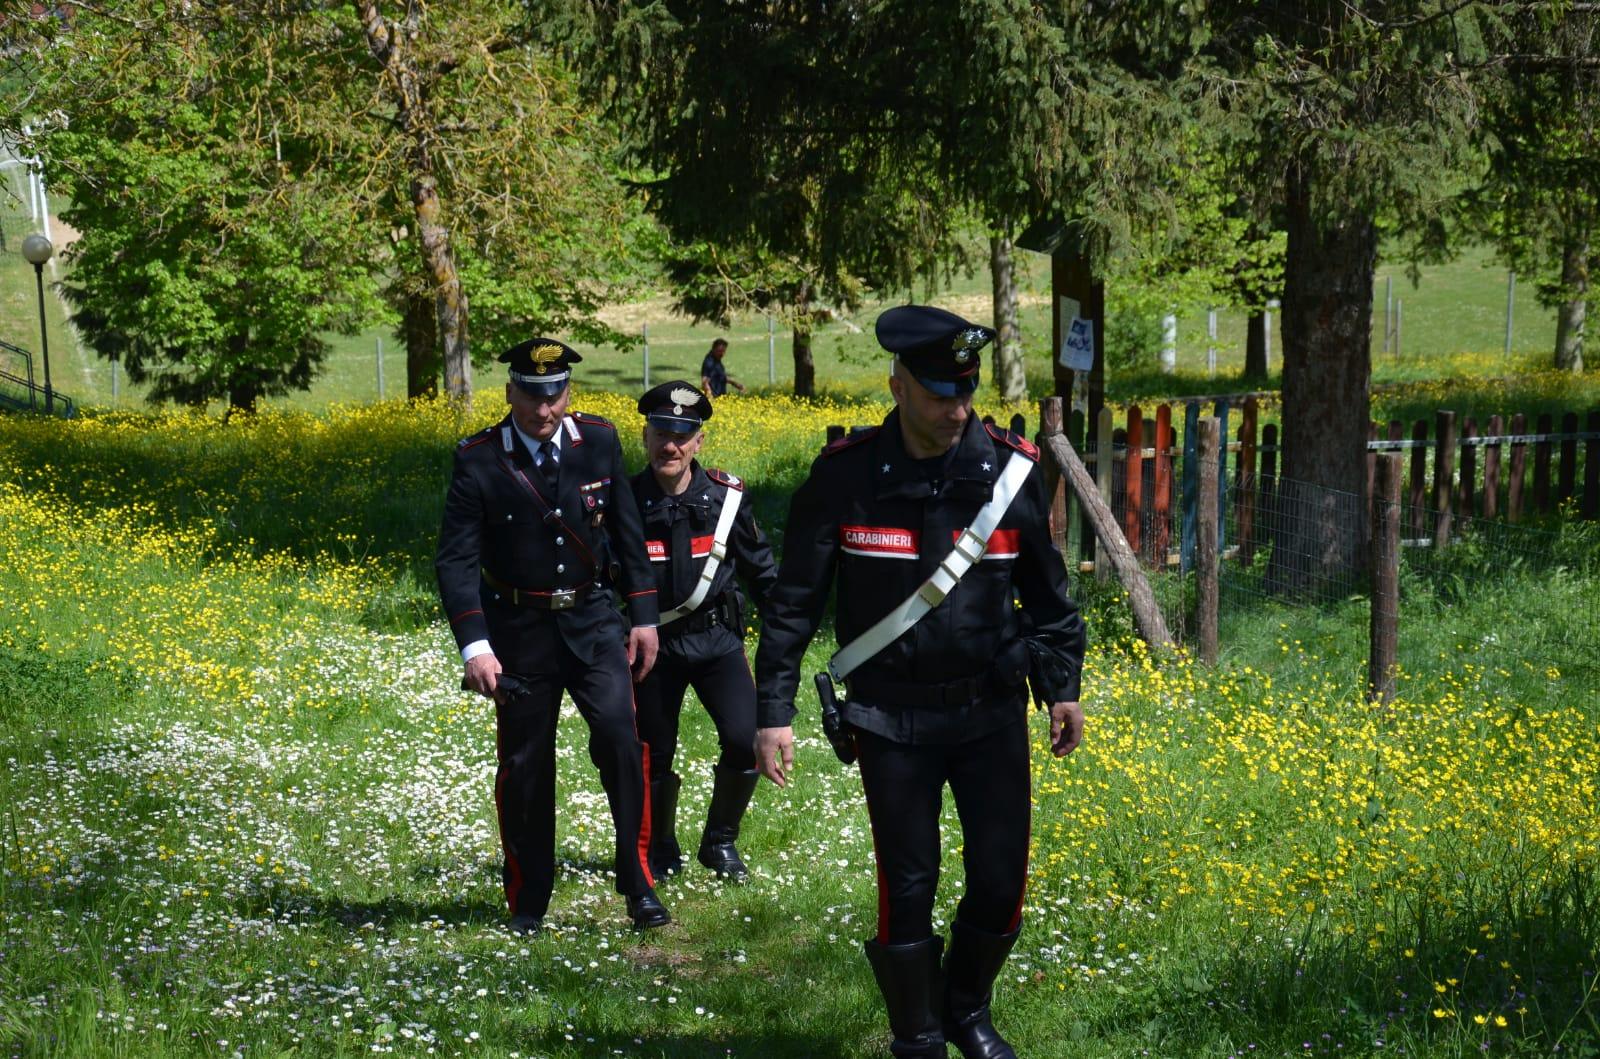 Tre ragazzini si perdono nel bosco, i carabinieri li recuperano